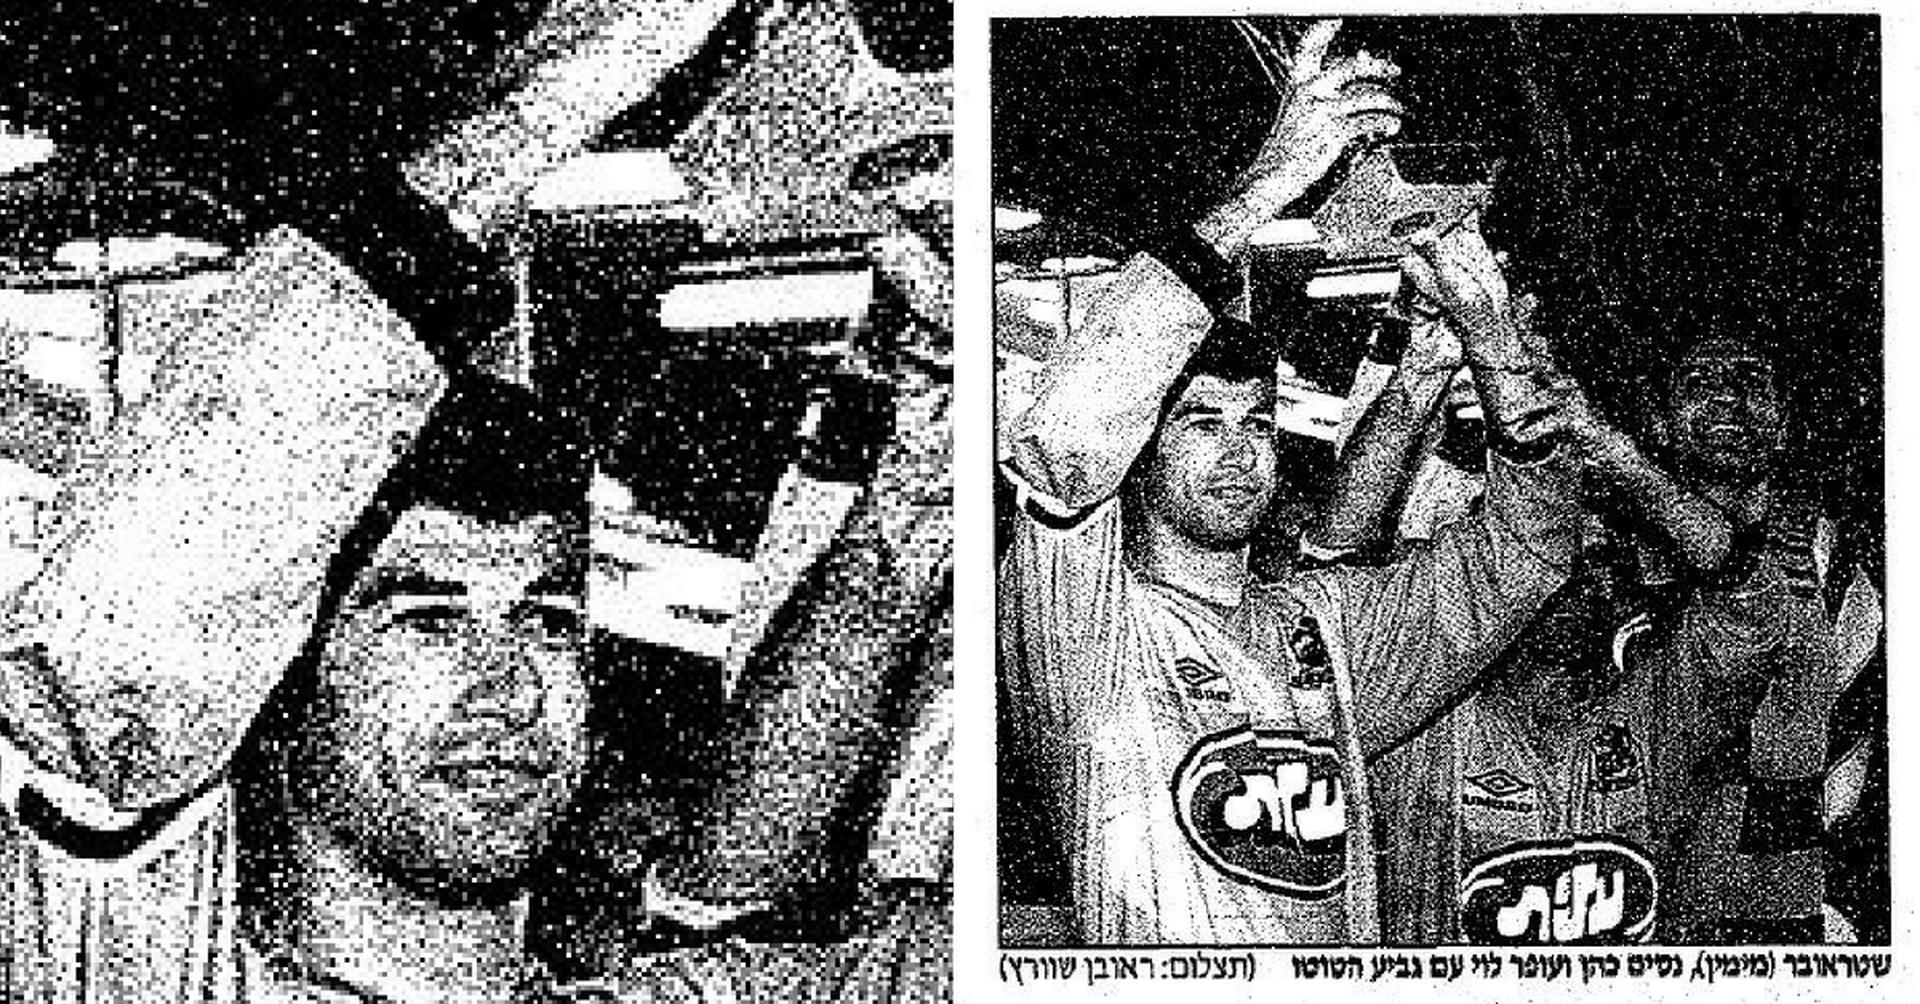 עופר לוי מרים את גביע הטוטו. 20 בפברואר 1997 | צילום: ראובן שוורץ